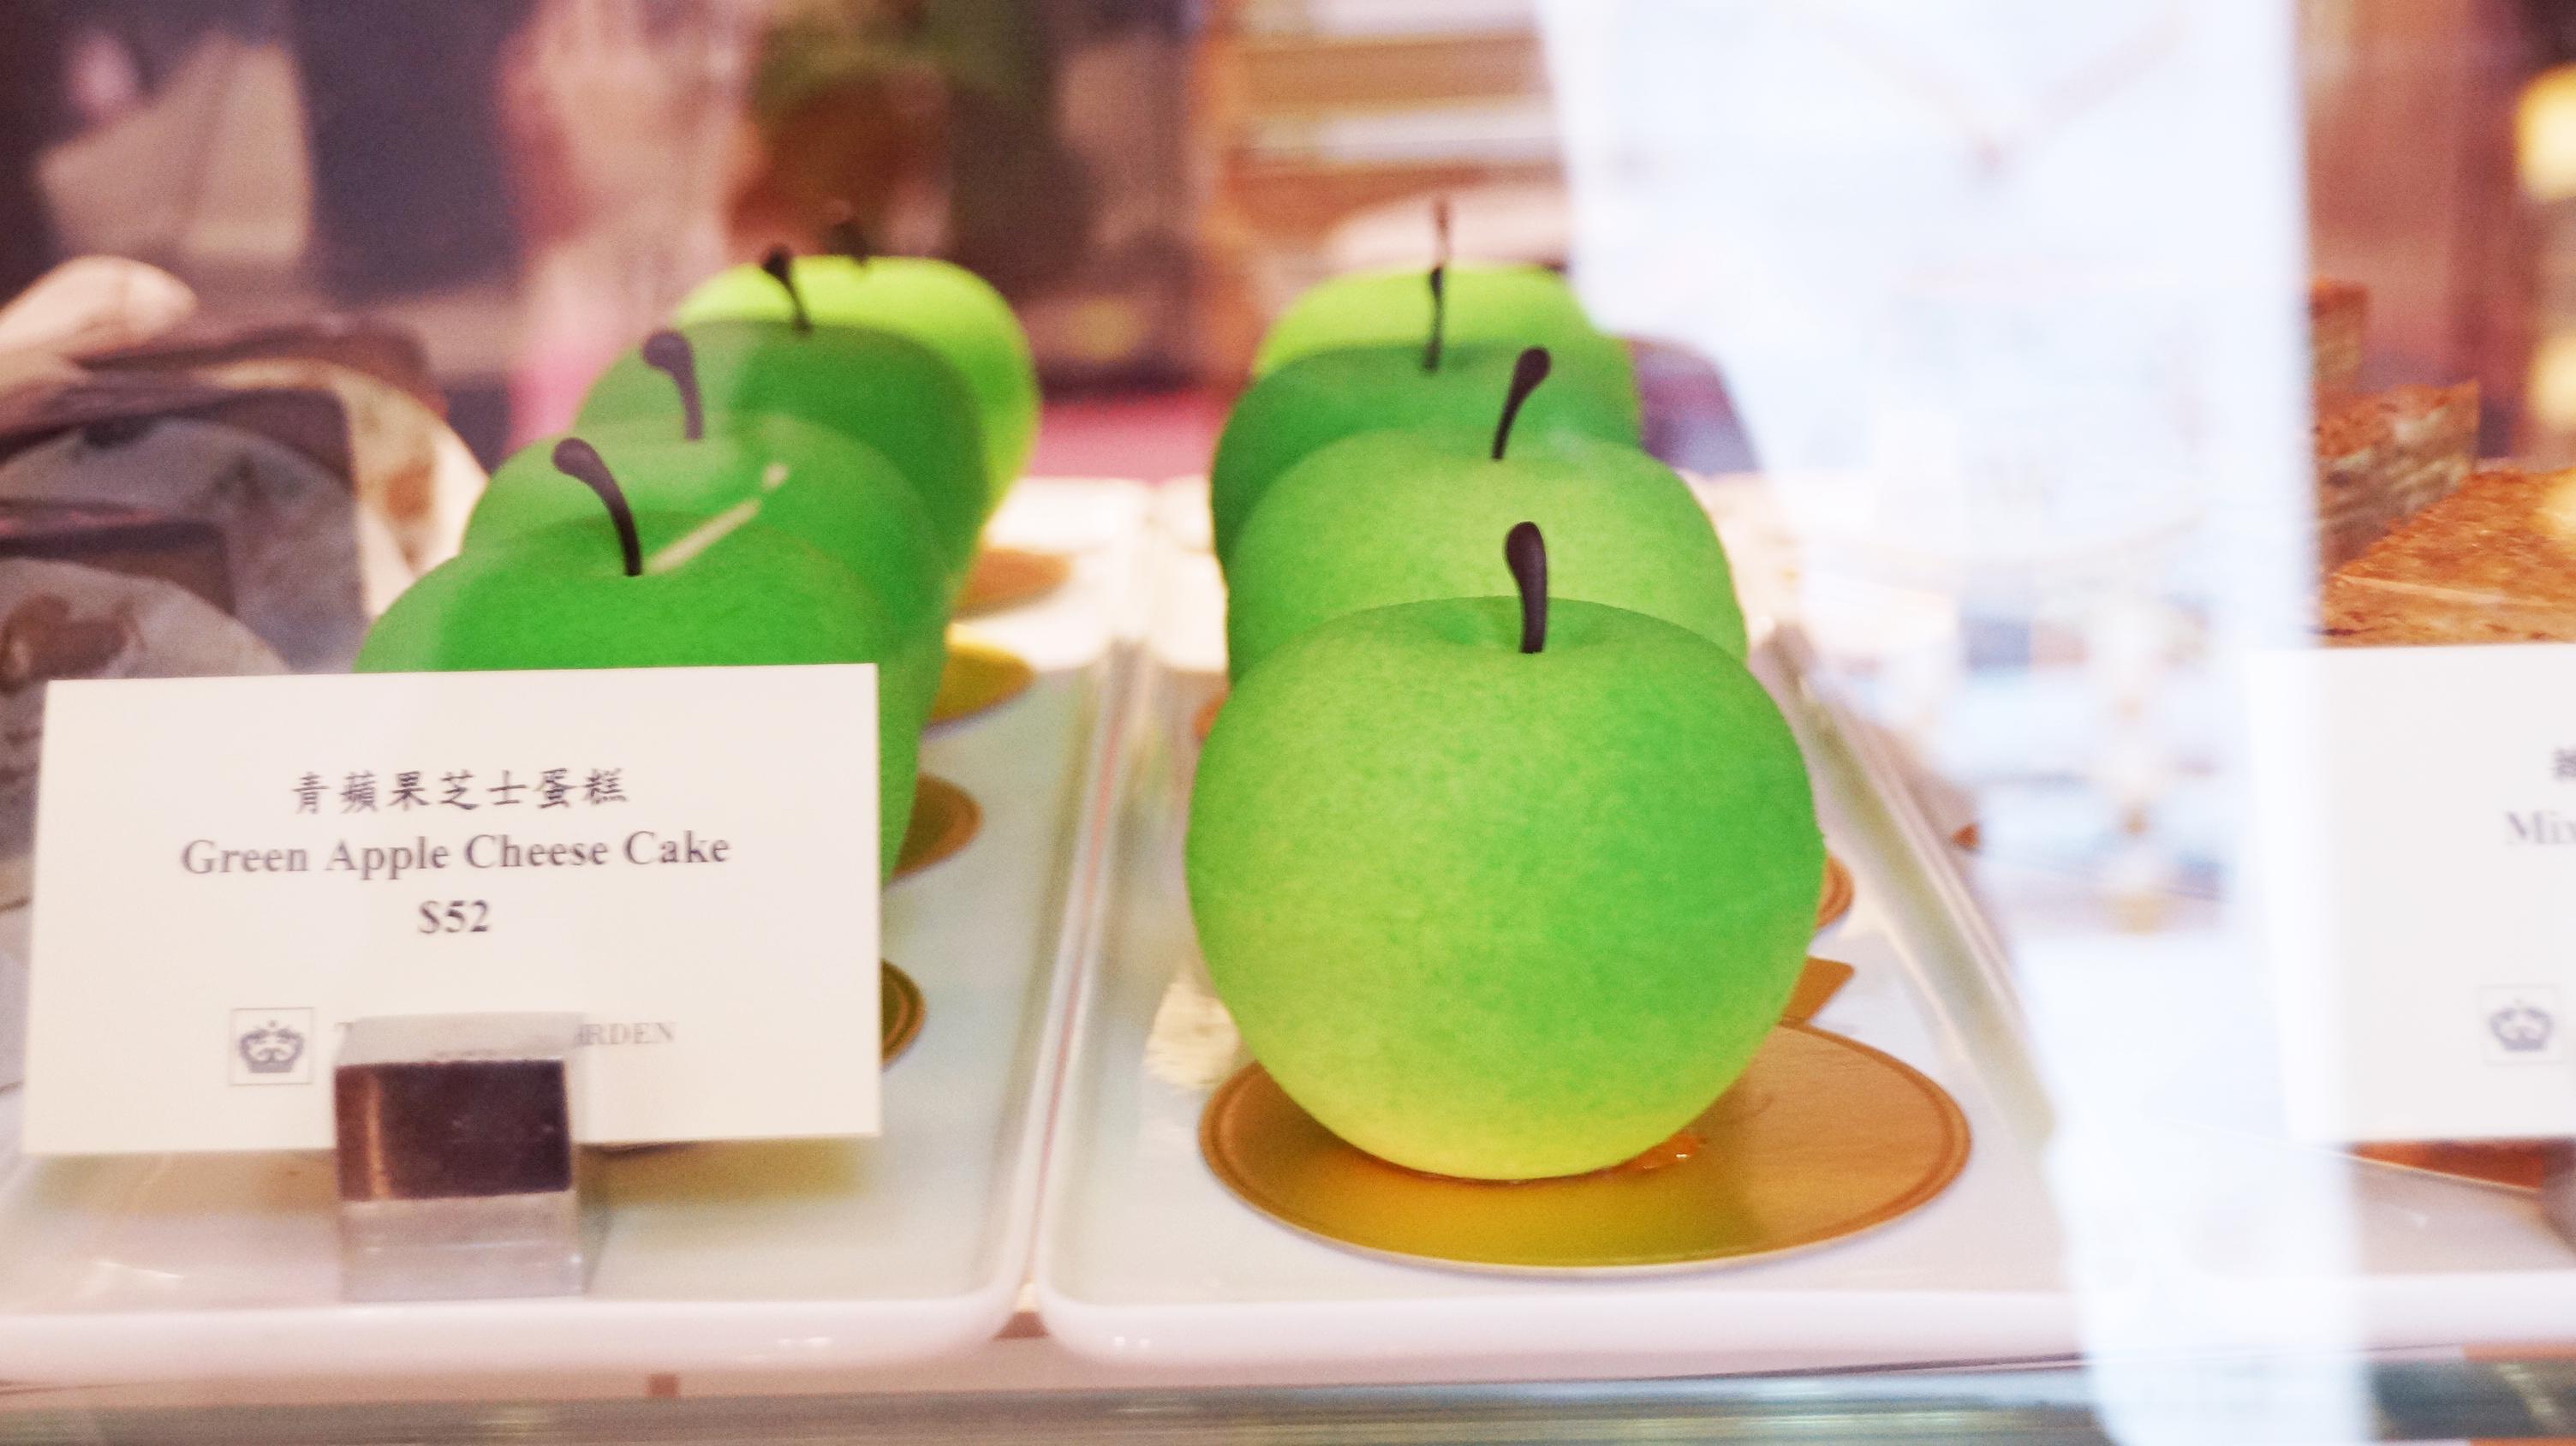 大大個青蘋果,見到都唔捨得食。